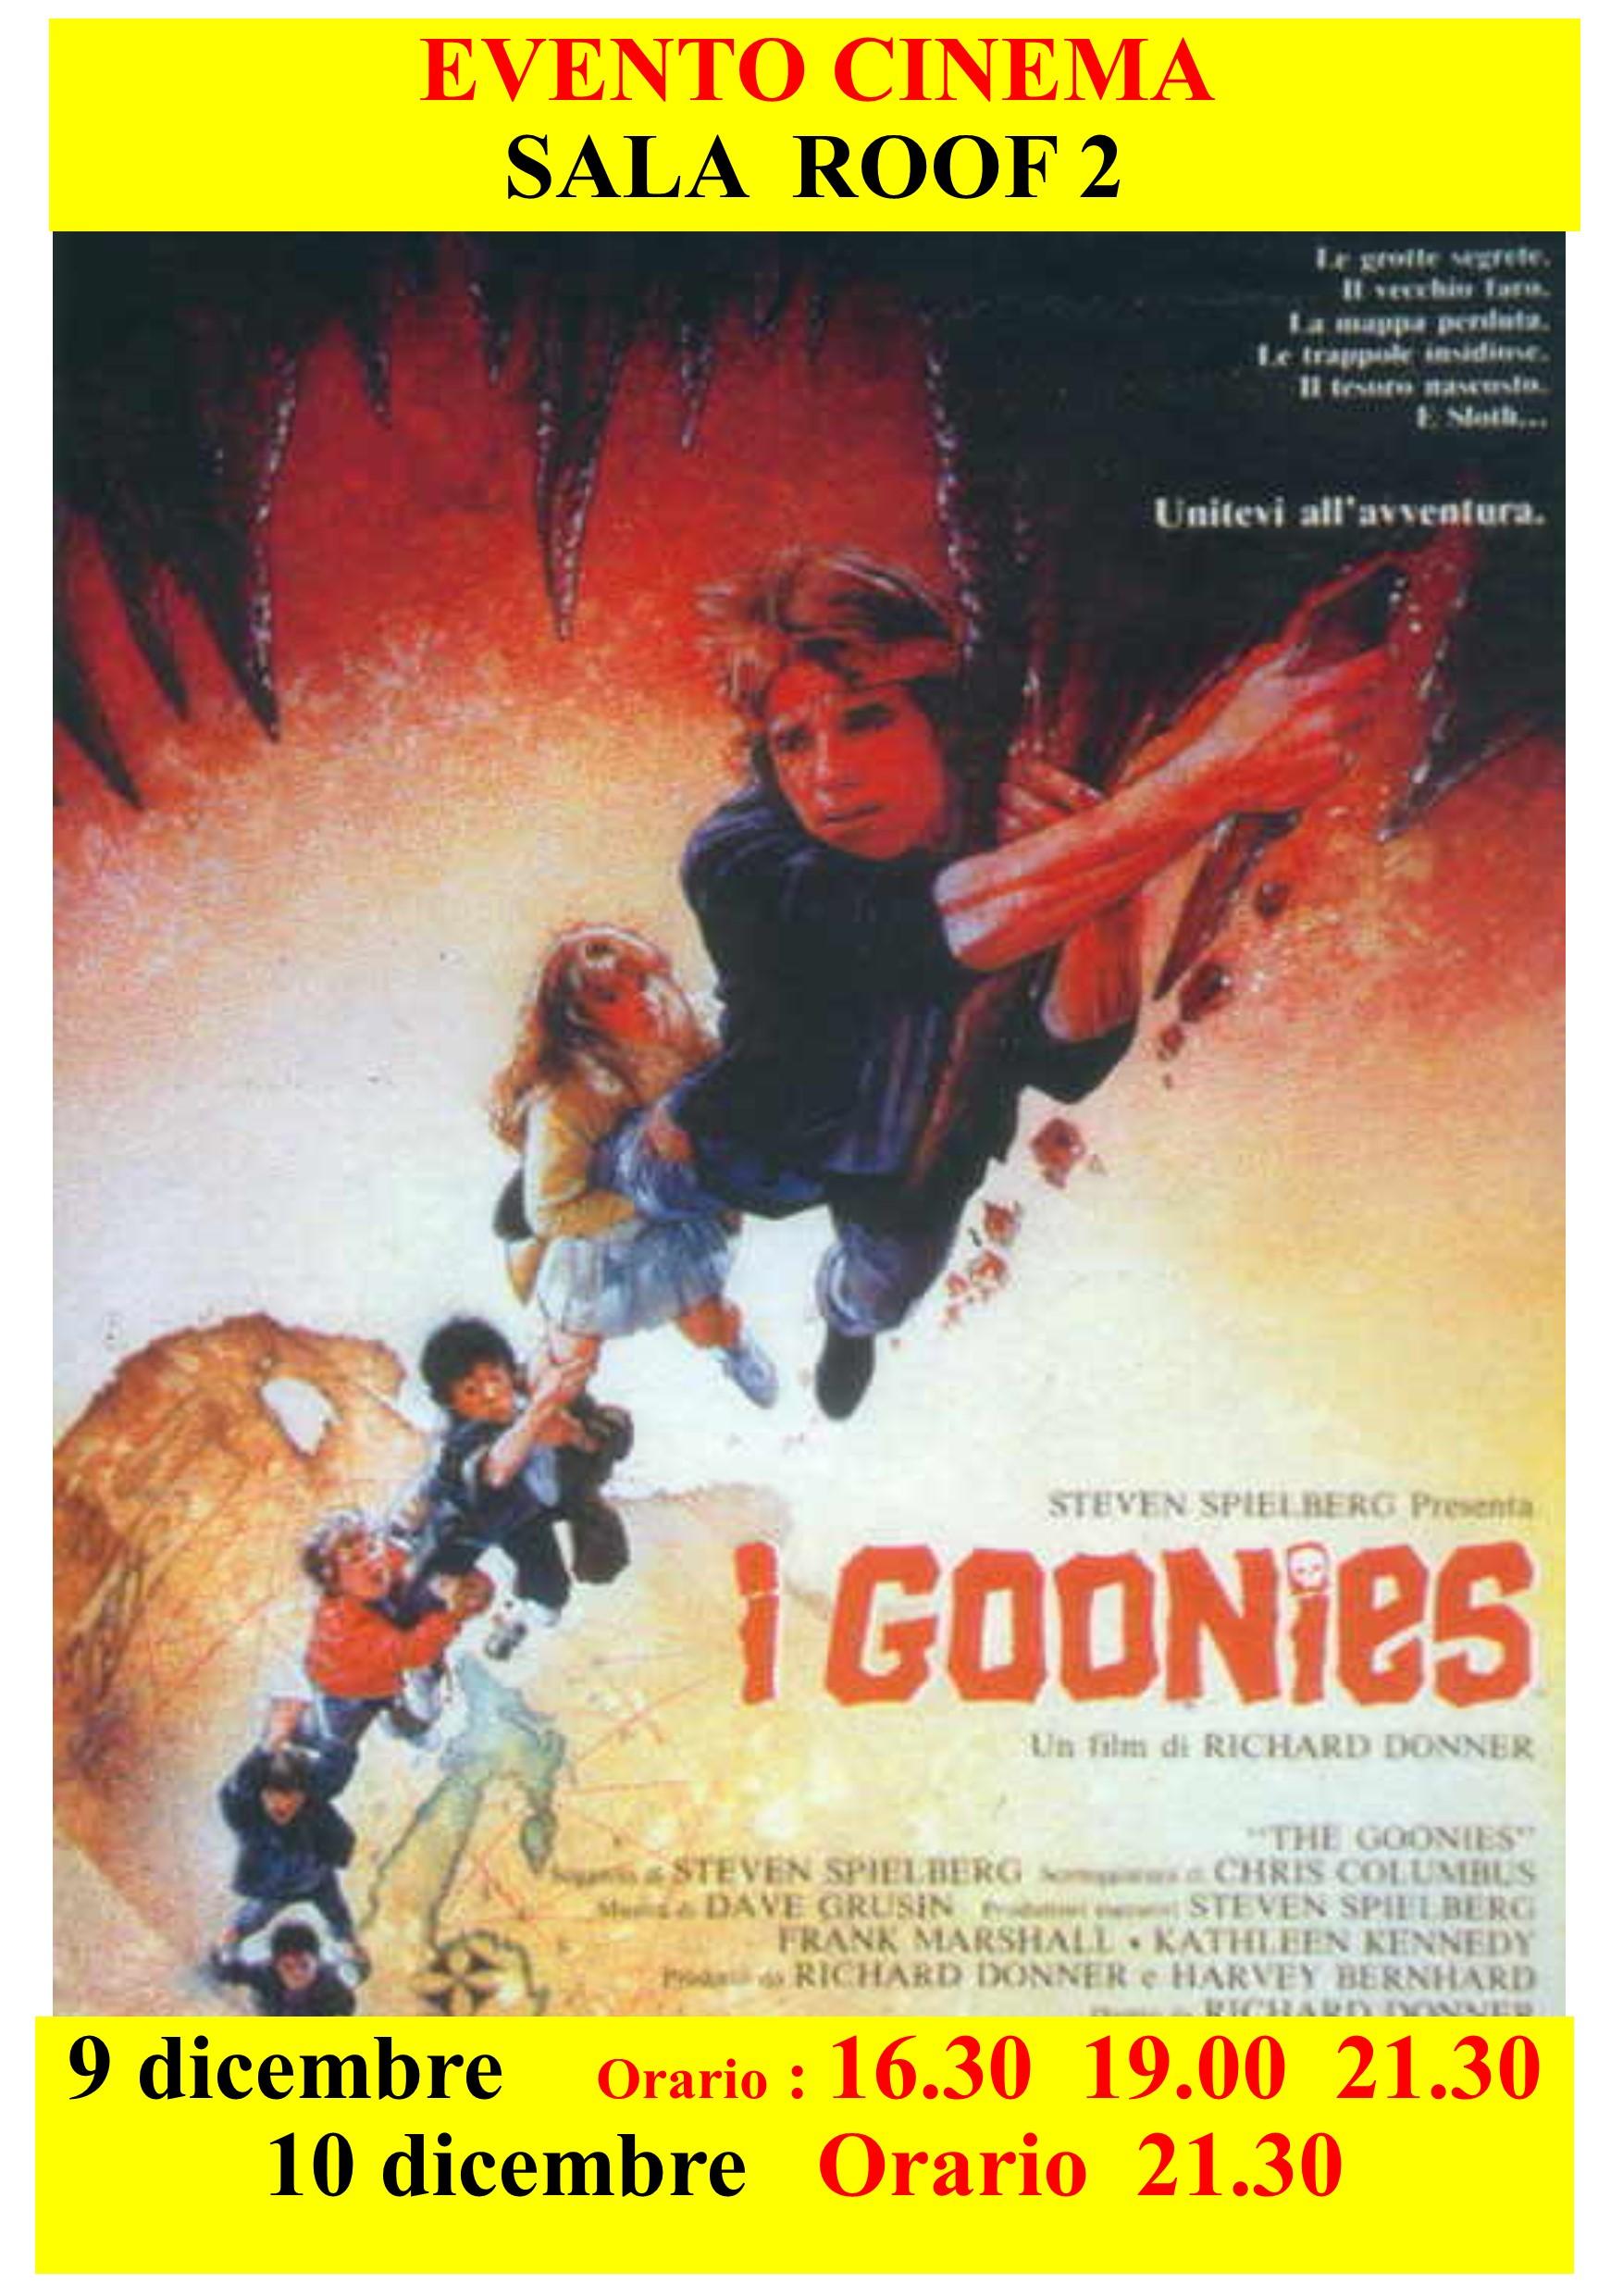 Guarda questa foto sull'evento I Goonies (1985) a Sanremo